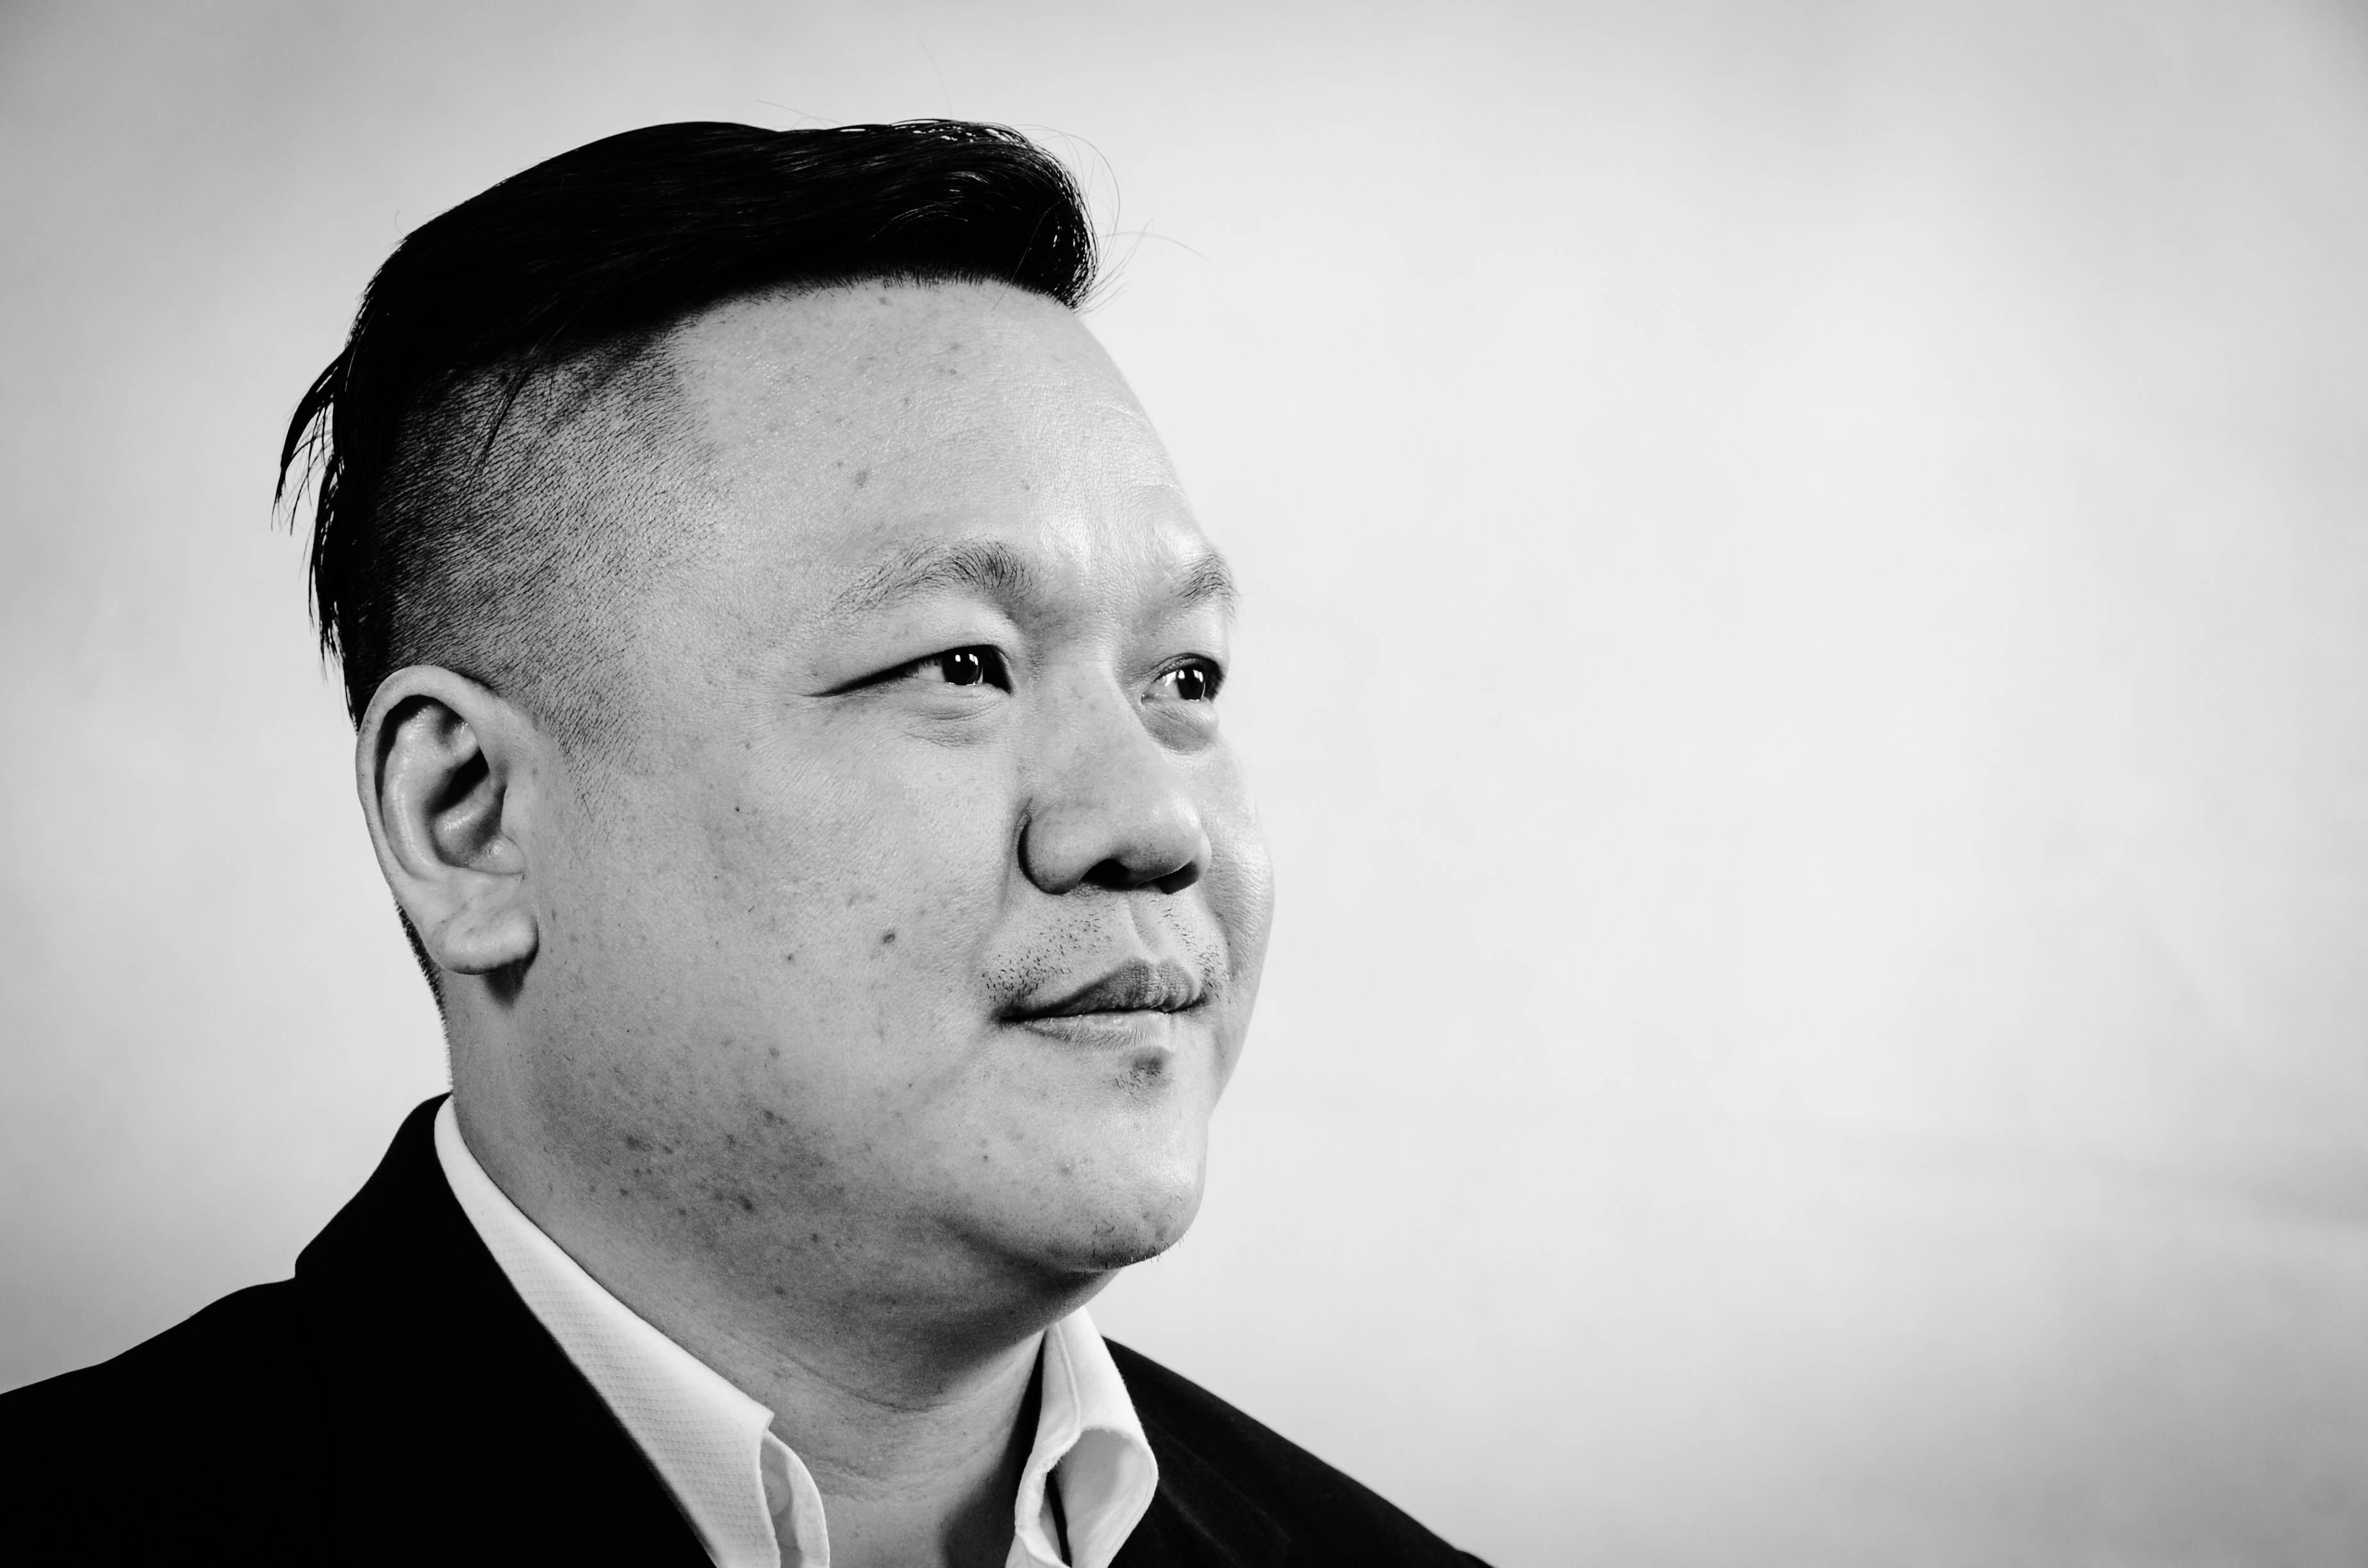 Yong Kai Ping